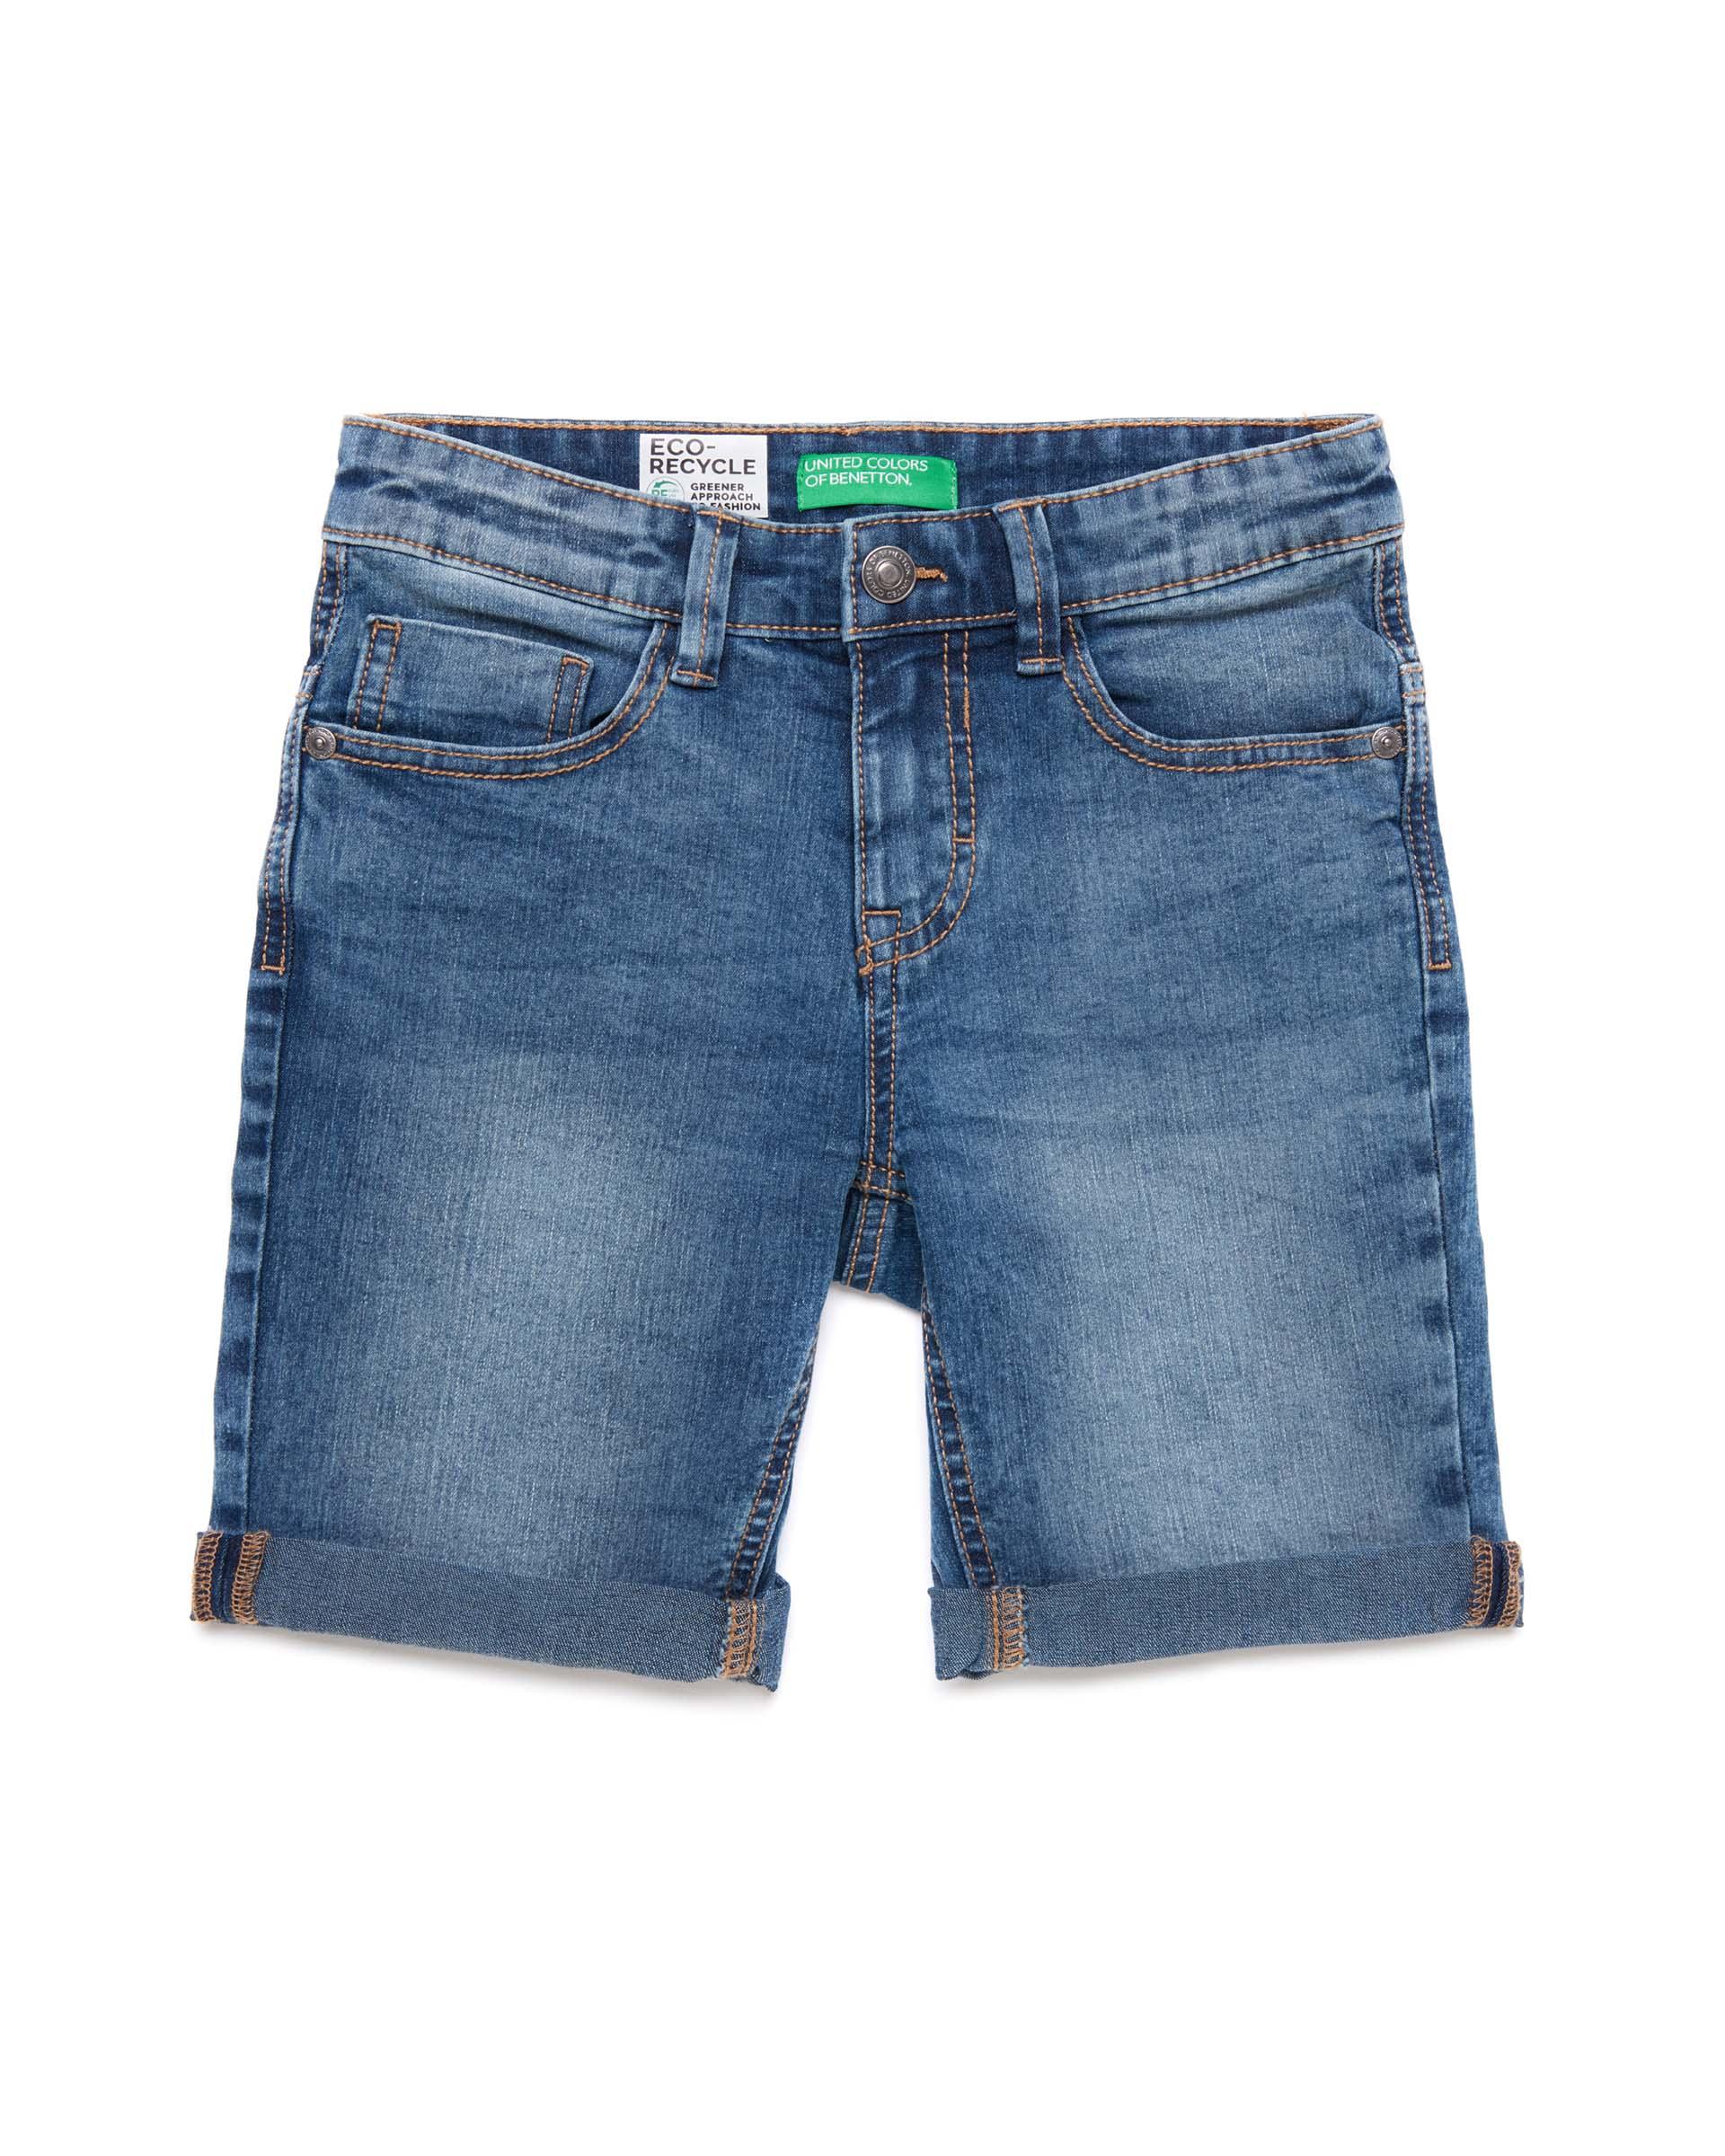 Купить 20P_4XA259DY0_902, Джинсовые шорты для мальчиков Benetton 4XA259DY0_902 р-р 158, United Colors of Benetton, Шорты для мальчиков